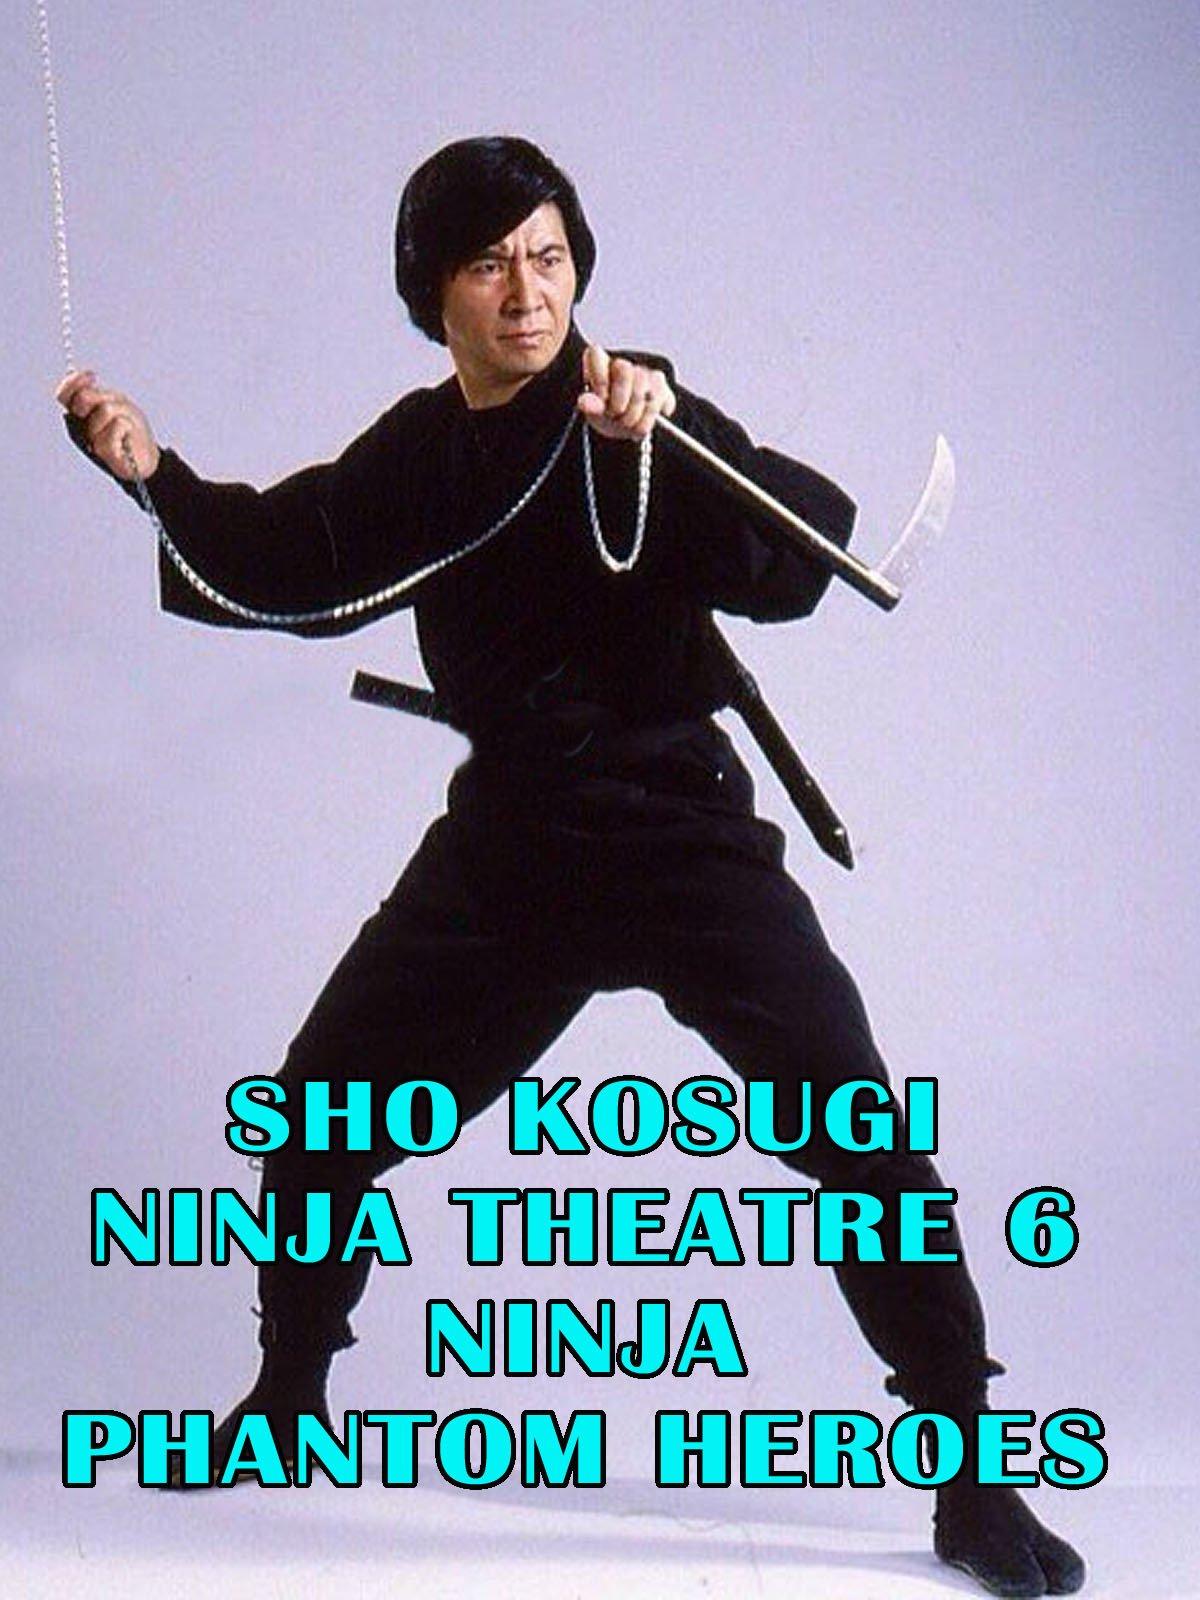 Amazon.com: Sho Kosugi Ninja Theater Vol.6 Ninja Phantom ...